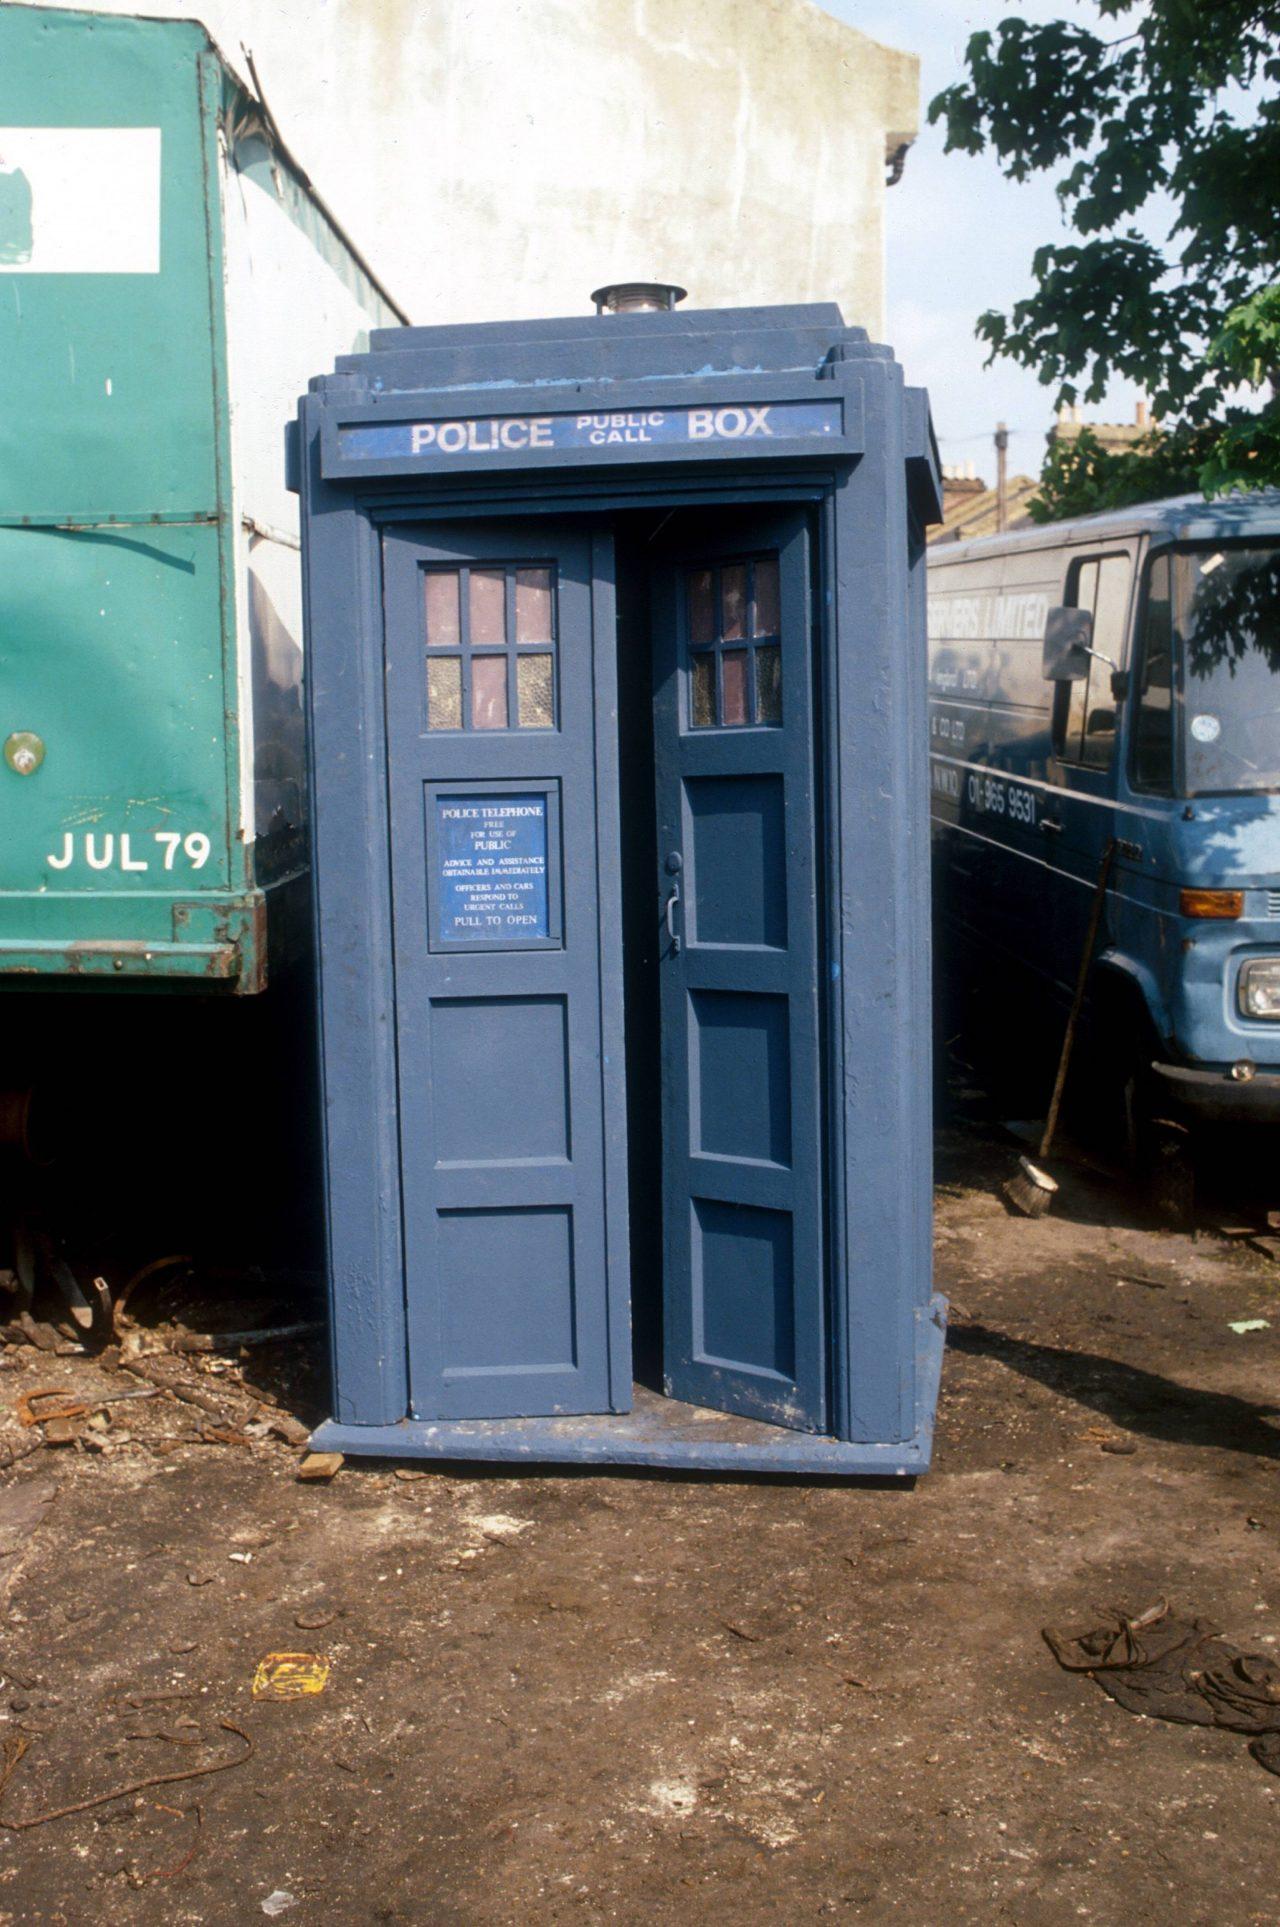 DW_CL_0686-TARDIS-2-1280x1927.jpg